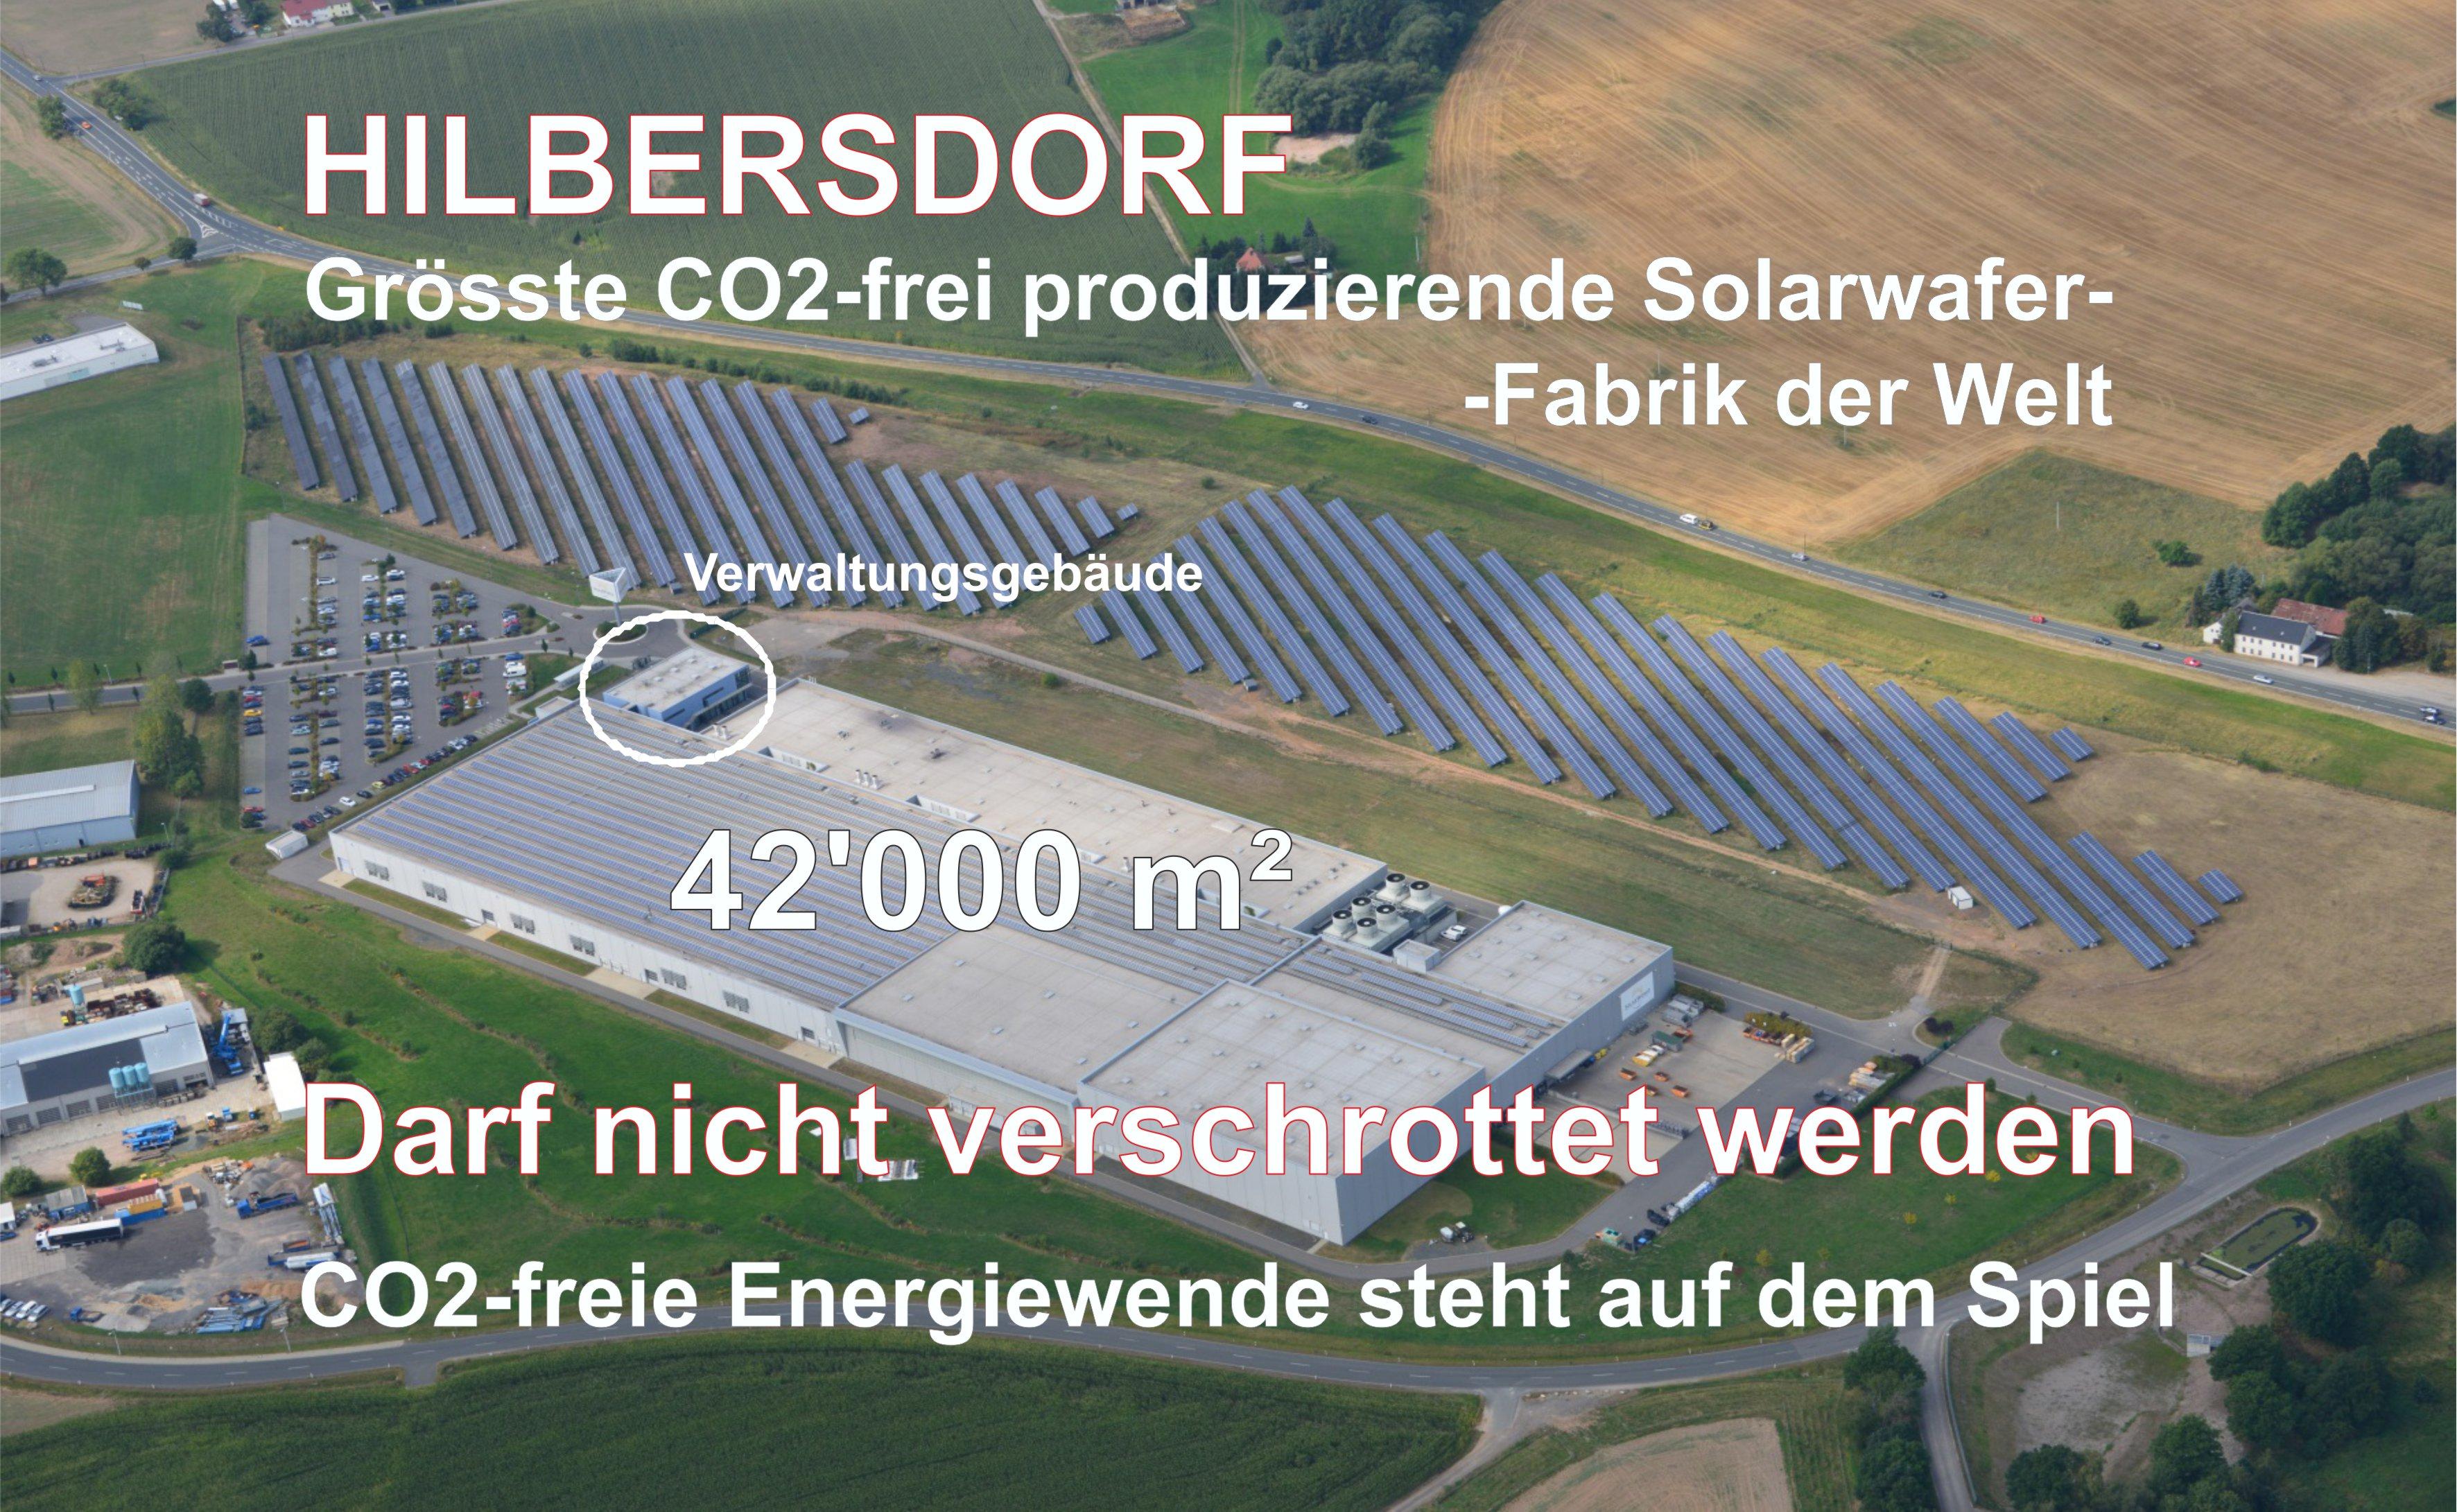 Bundeskanzlerin Angela Merkel: Frau Merkel, bitte halten Sie Wort und retten Sie die CO2-freie Energiewende